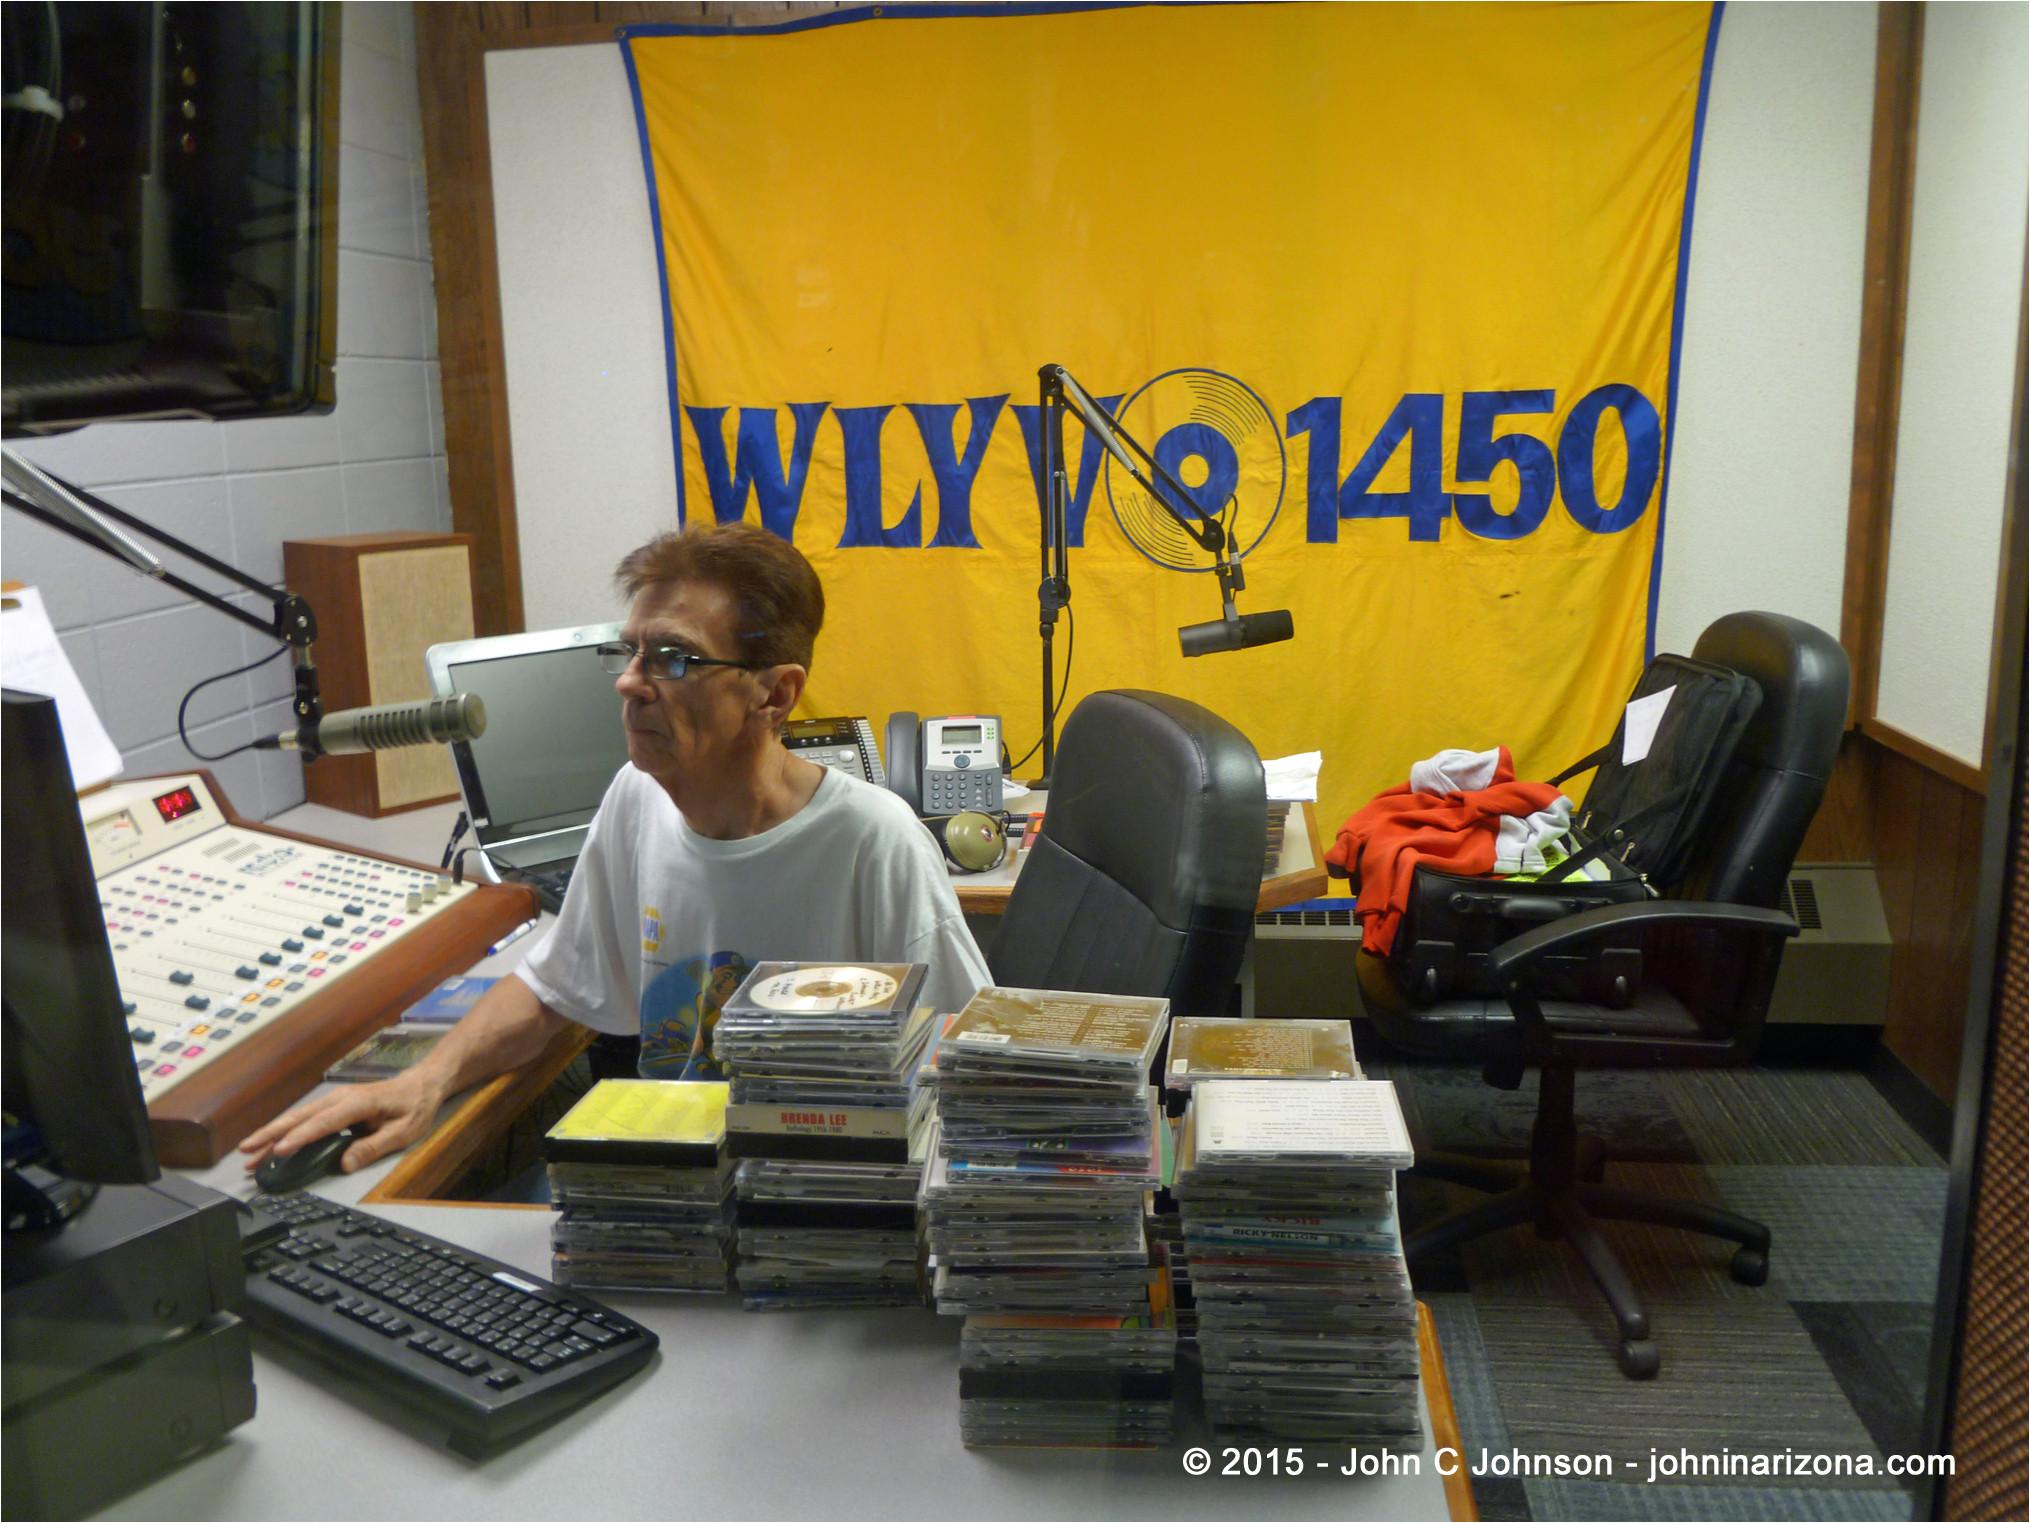 wlyv radio 1450 fort wayne indiana